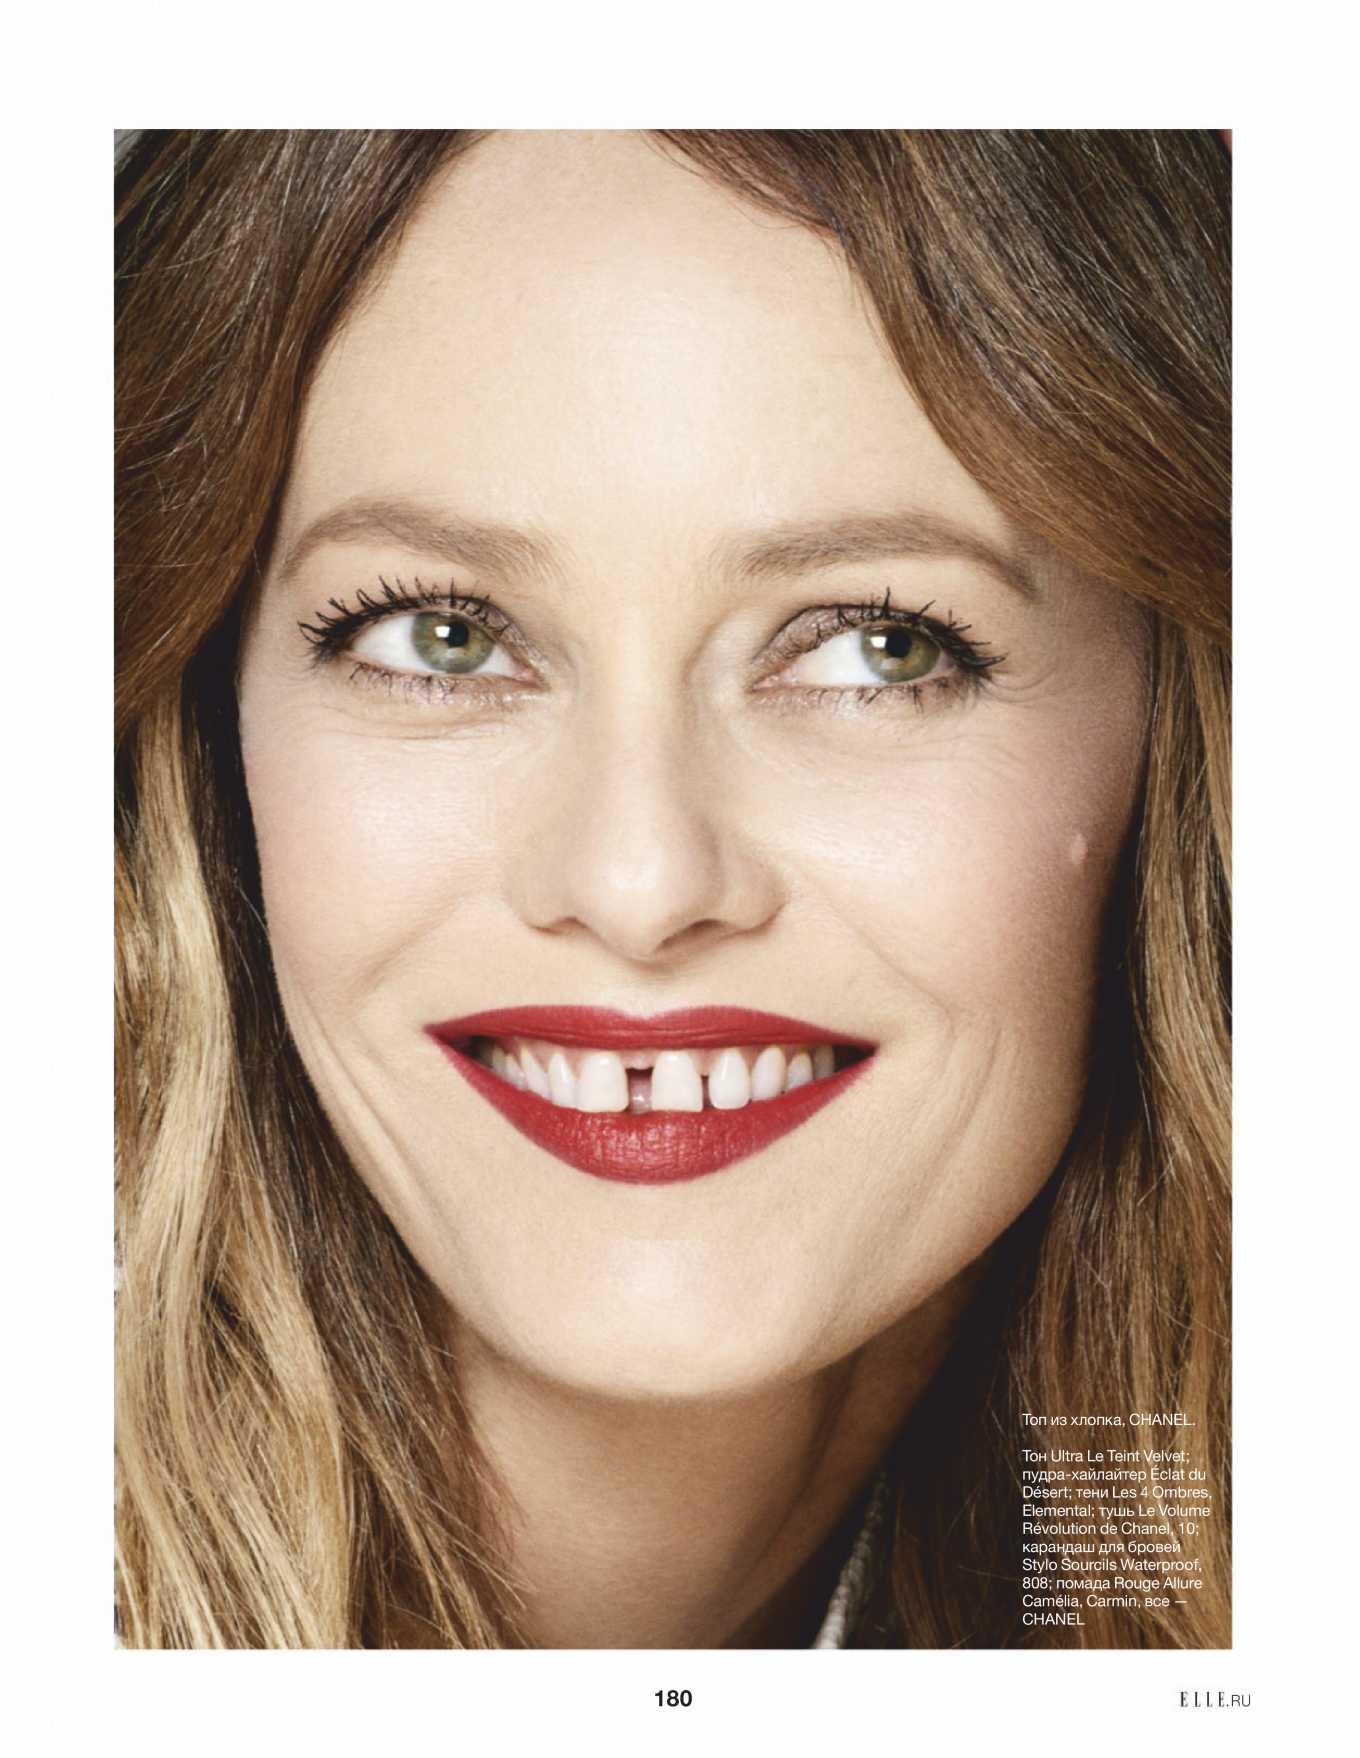 Vanessa Paradis 2020 : Vanessa Paradis – Elle Magazine (Russia – March 2020 issue)-02